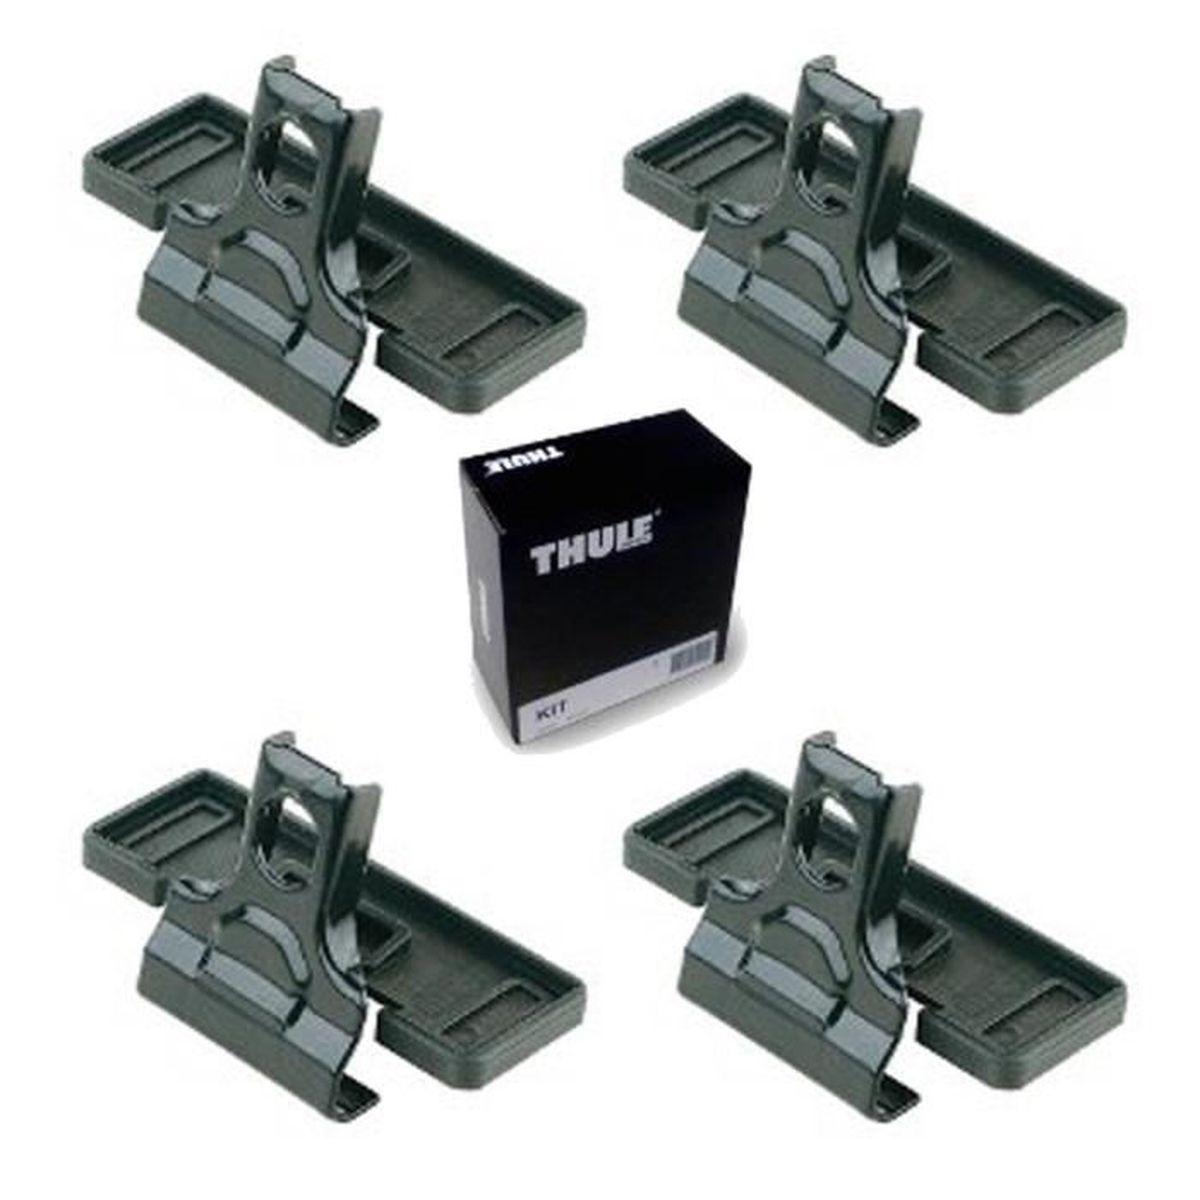 thule 1119 kit barres de toit pour renault clio 3 5 portes 98 achat vente barres de toit. Black Bedroom Furniture Sets. Home Design Ideas